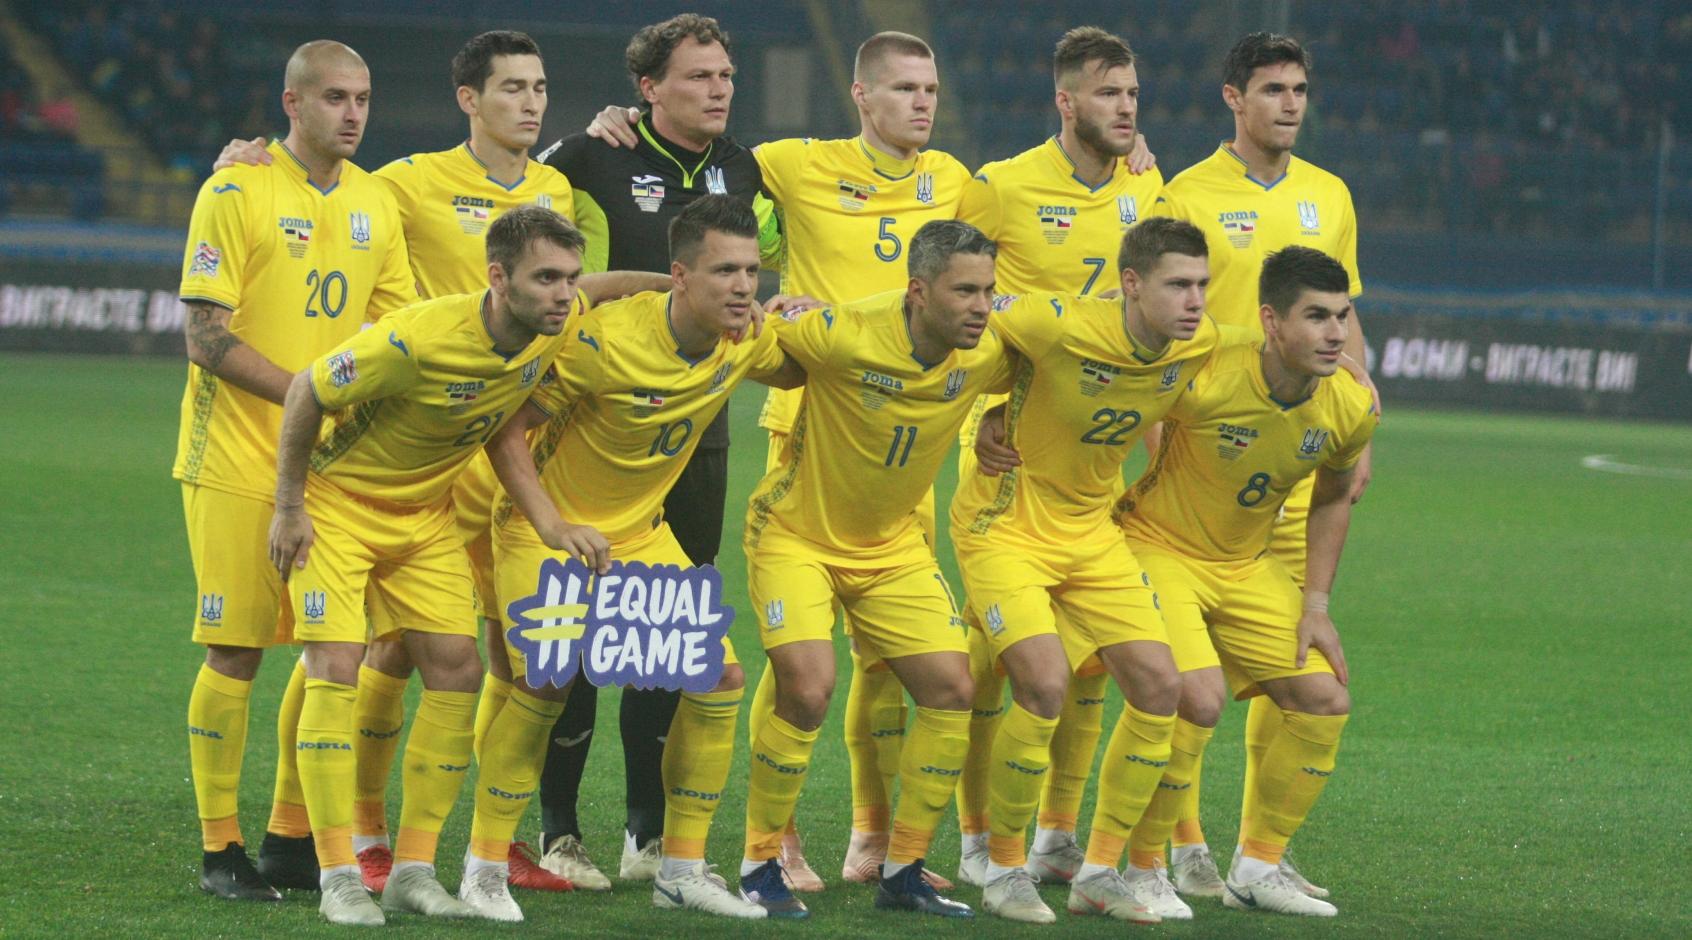 Матч Польща - Україна відбудеться 11 листопада